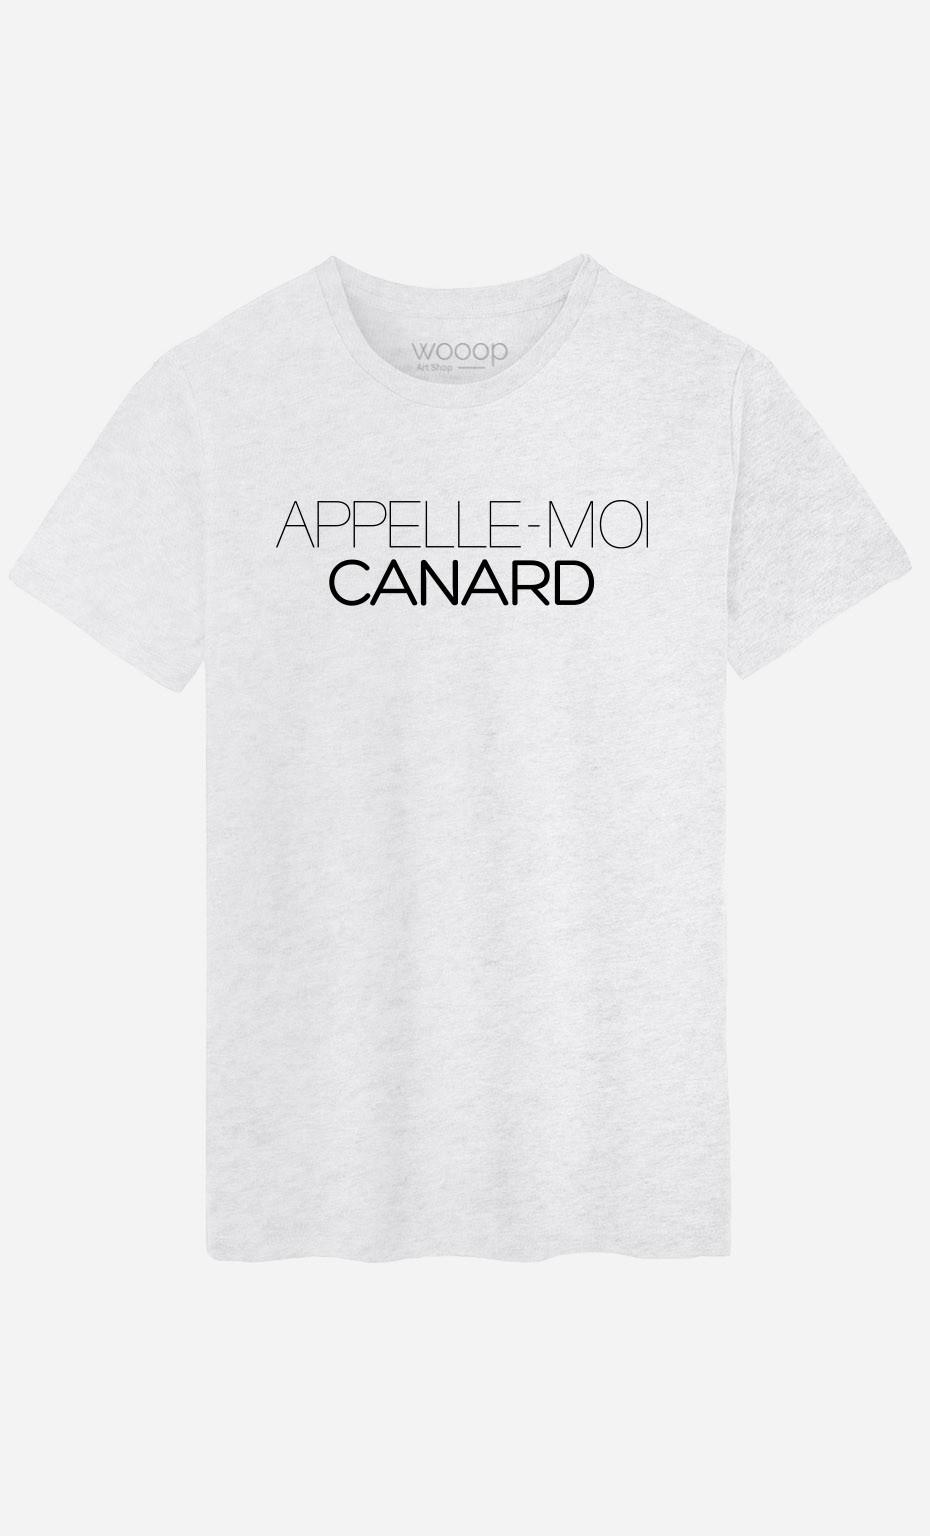 T-Shirt Appelle-Moi Canard